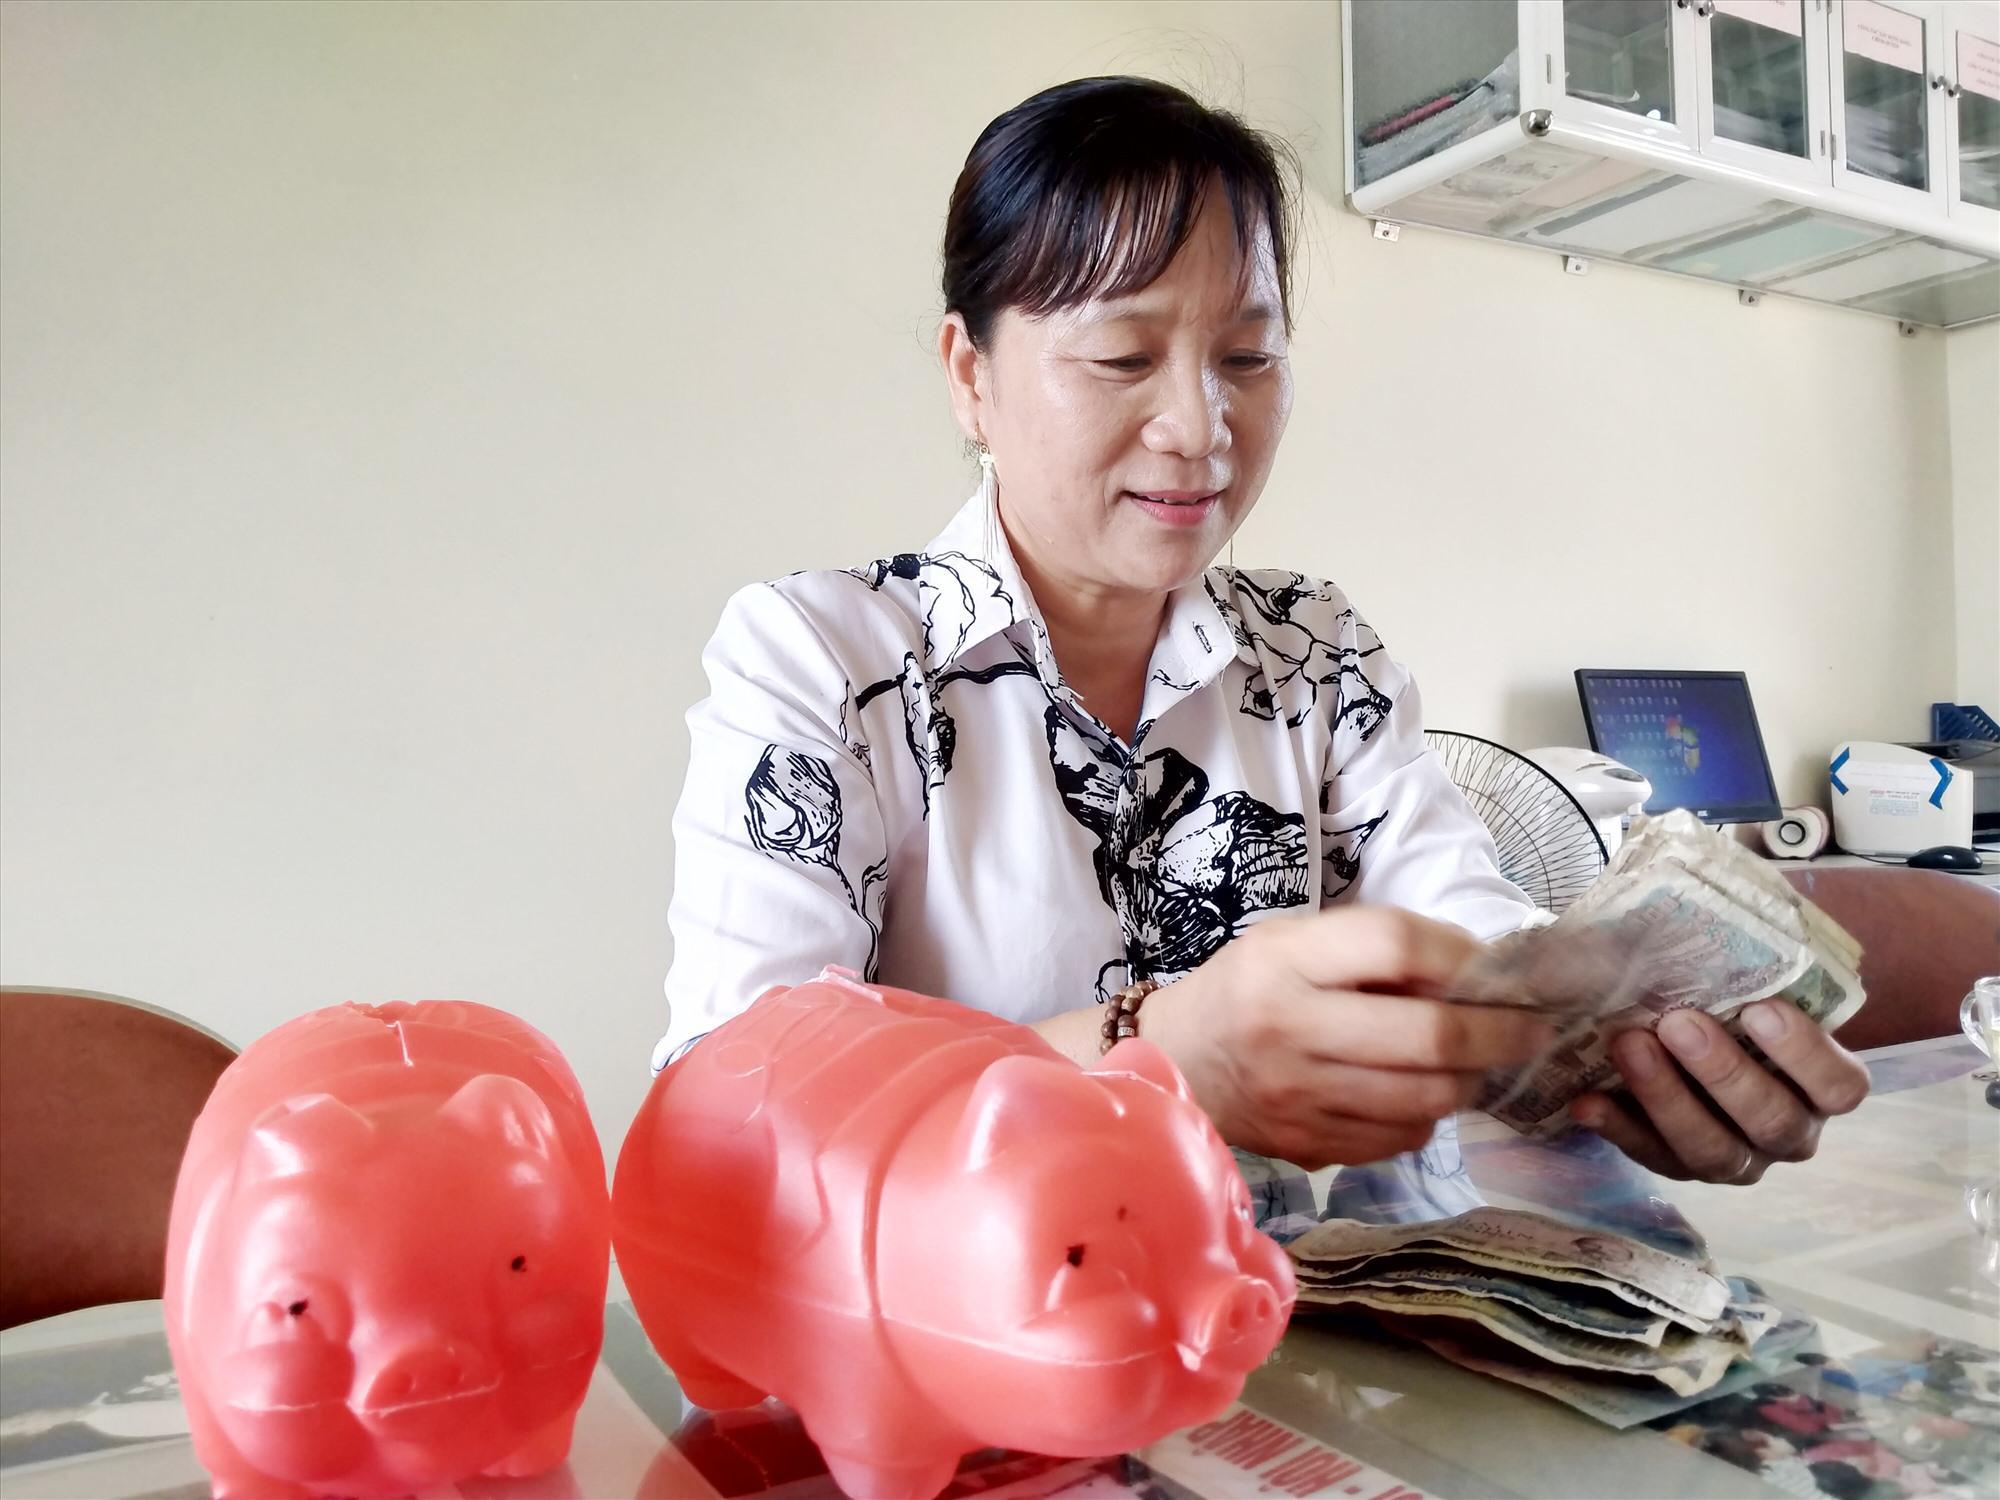 Bà Nguyễn Thị Hoa - Chủ tịch Ủy ban MTTQ Việt Nam xã Bình Minh khui heo đất góp quỹ đỡ đầu trẻ em có hoàn cảnh đặc biệt khó khăn của xã. Ảnh: N.Đ